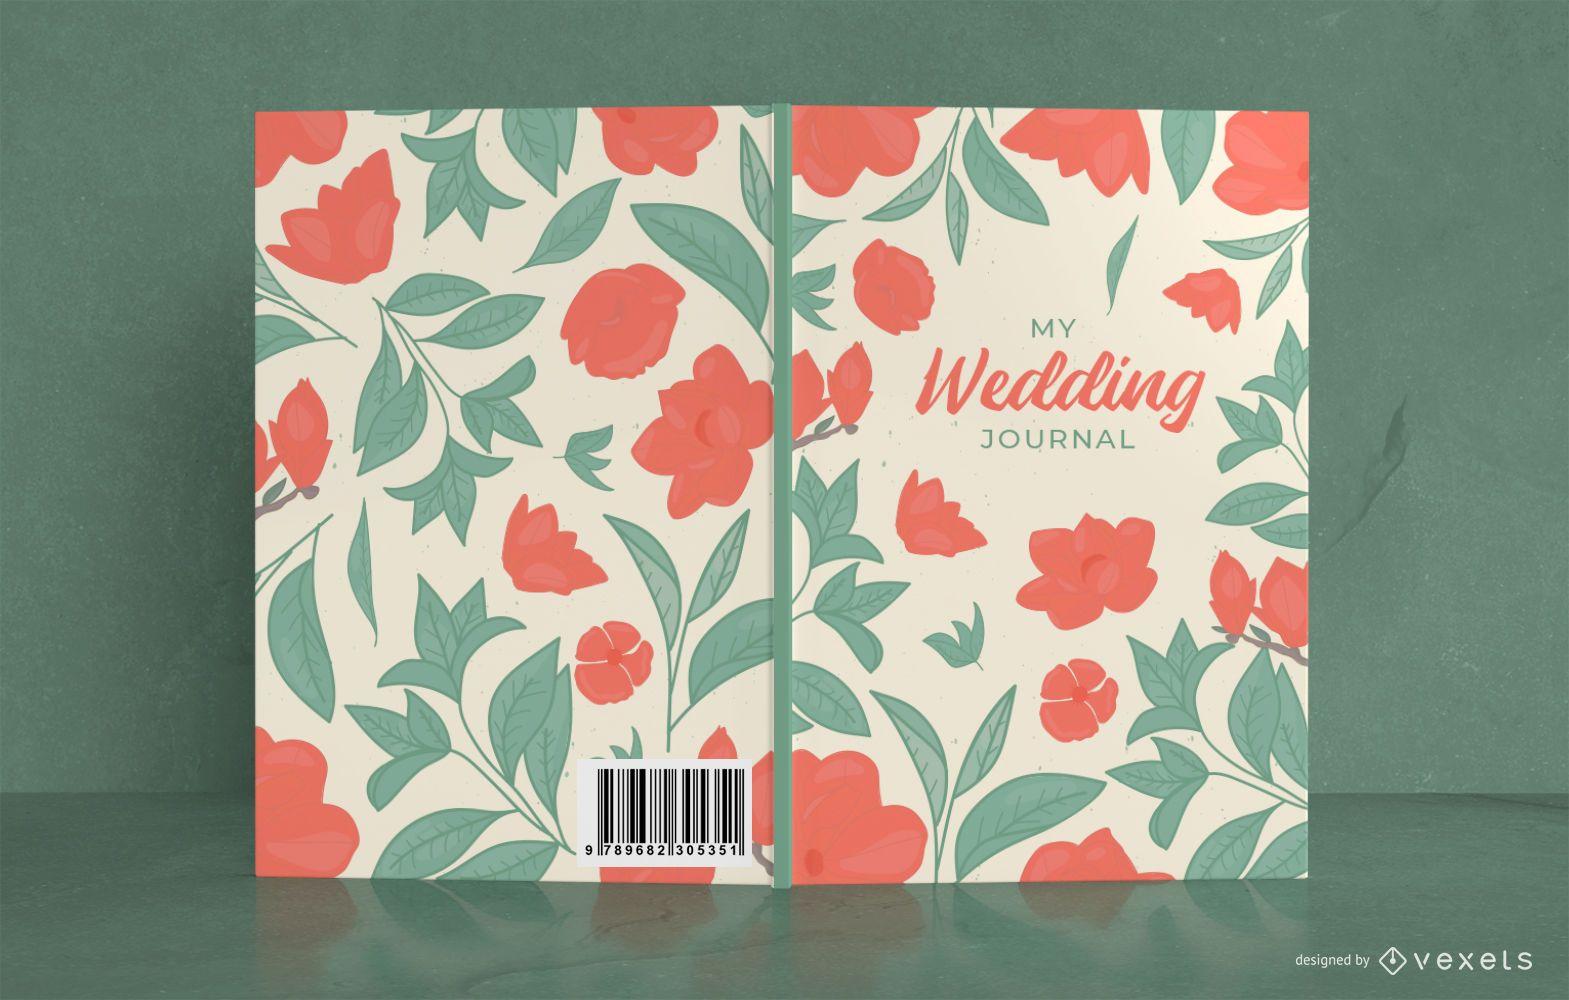 Dise?o de portada de libro de boda floral